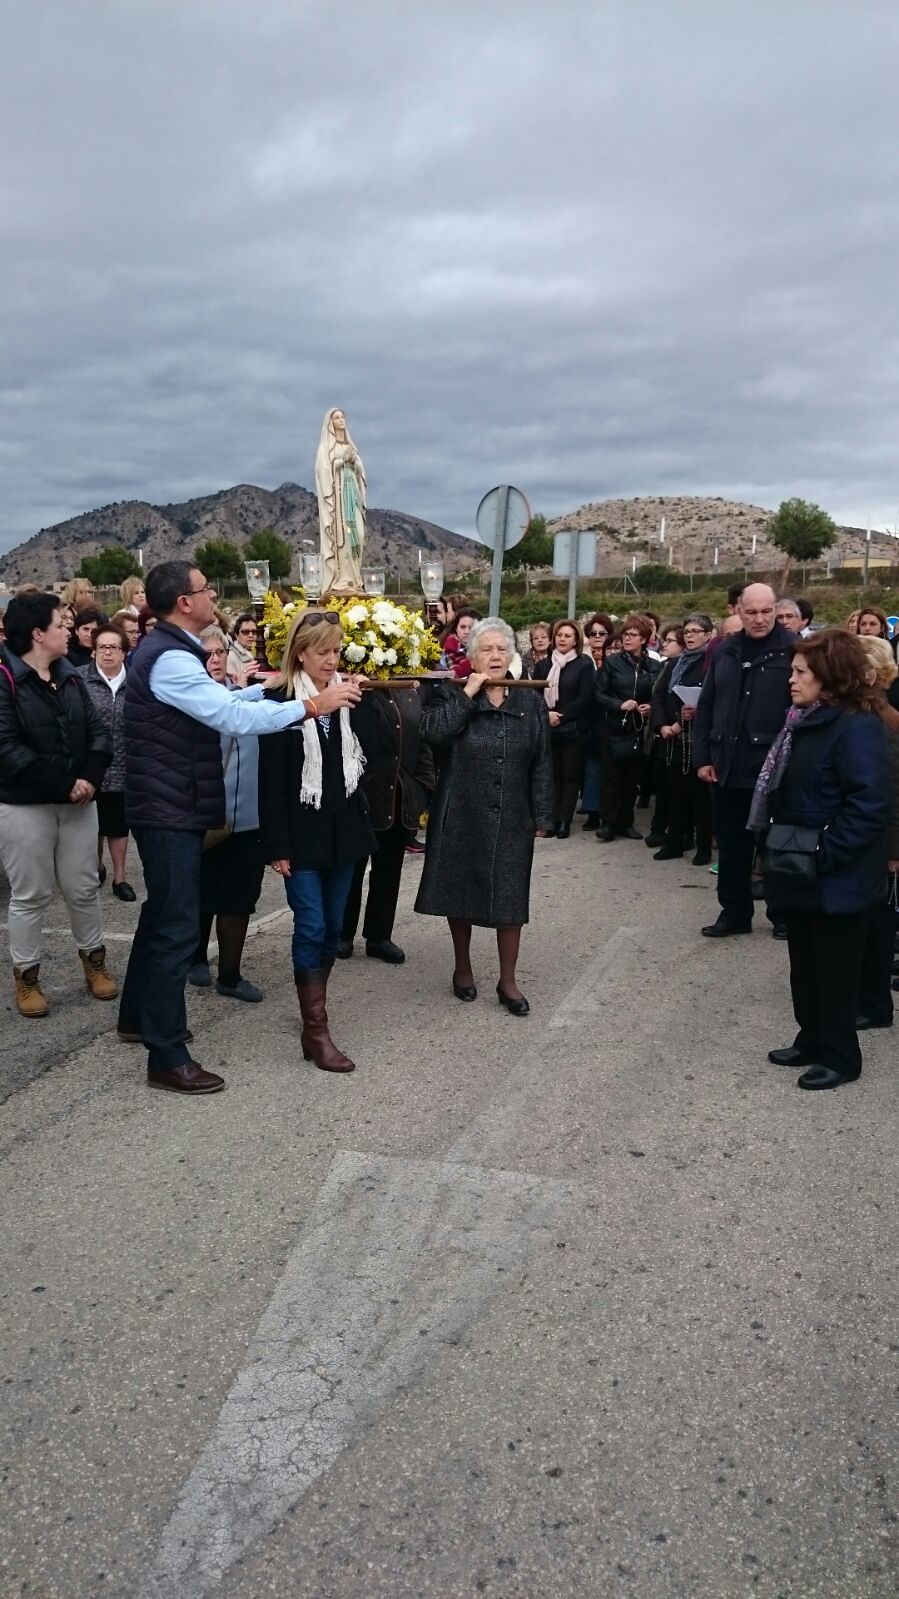 (2016-02-13) - Inauguración Virgen de Lourdes, La Molineta - Pascual Serrano (03)